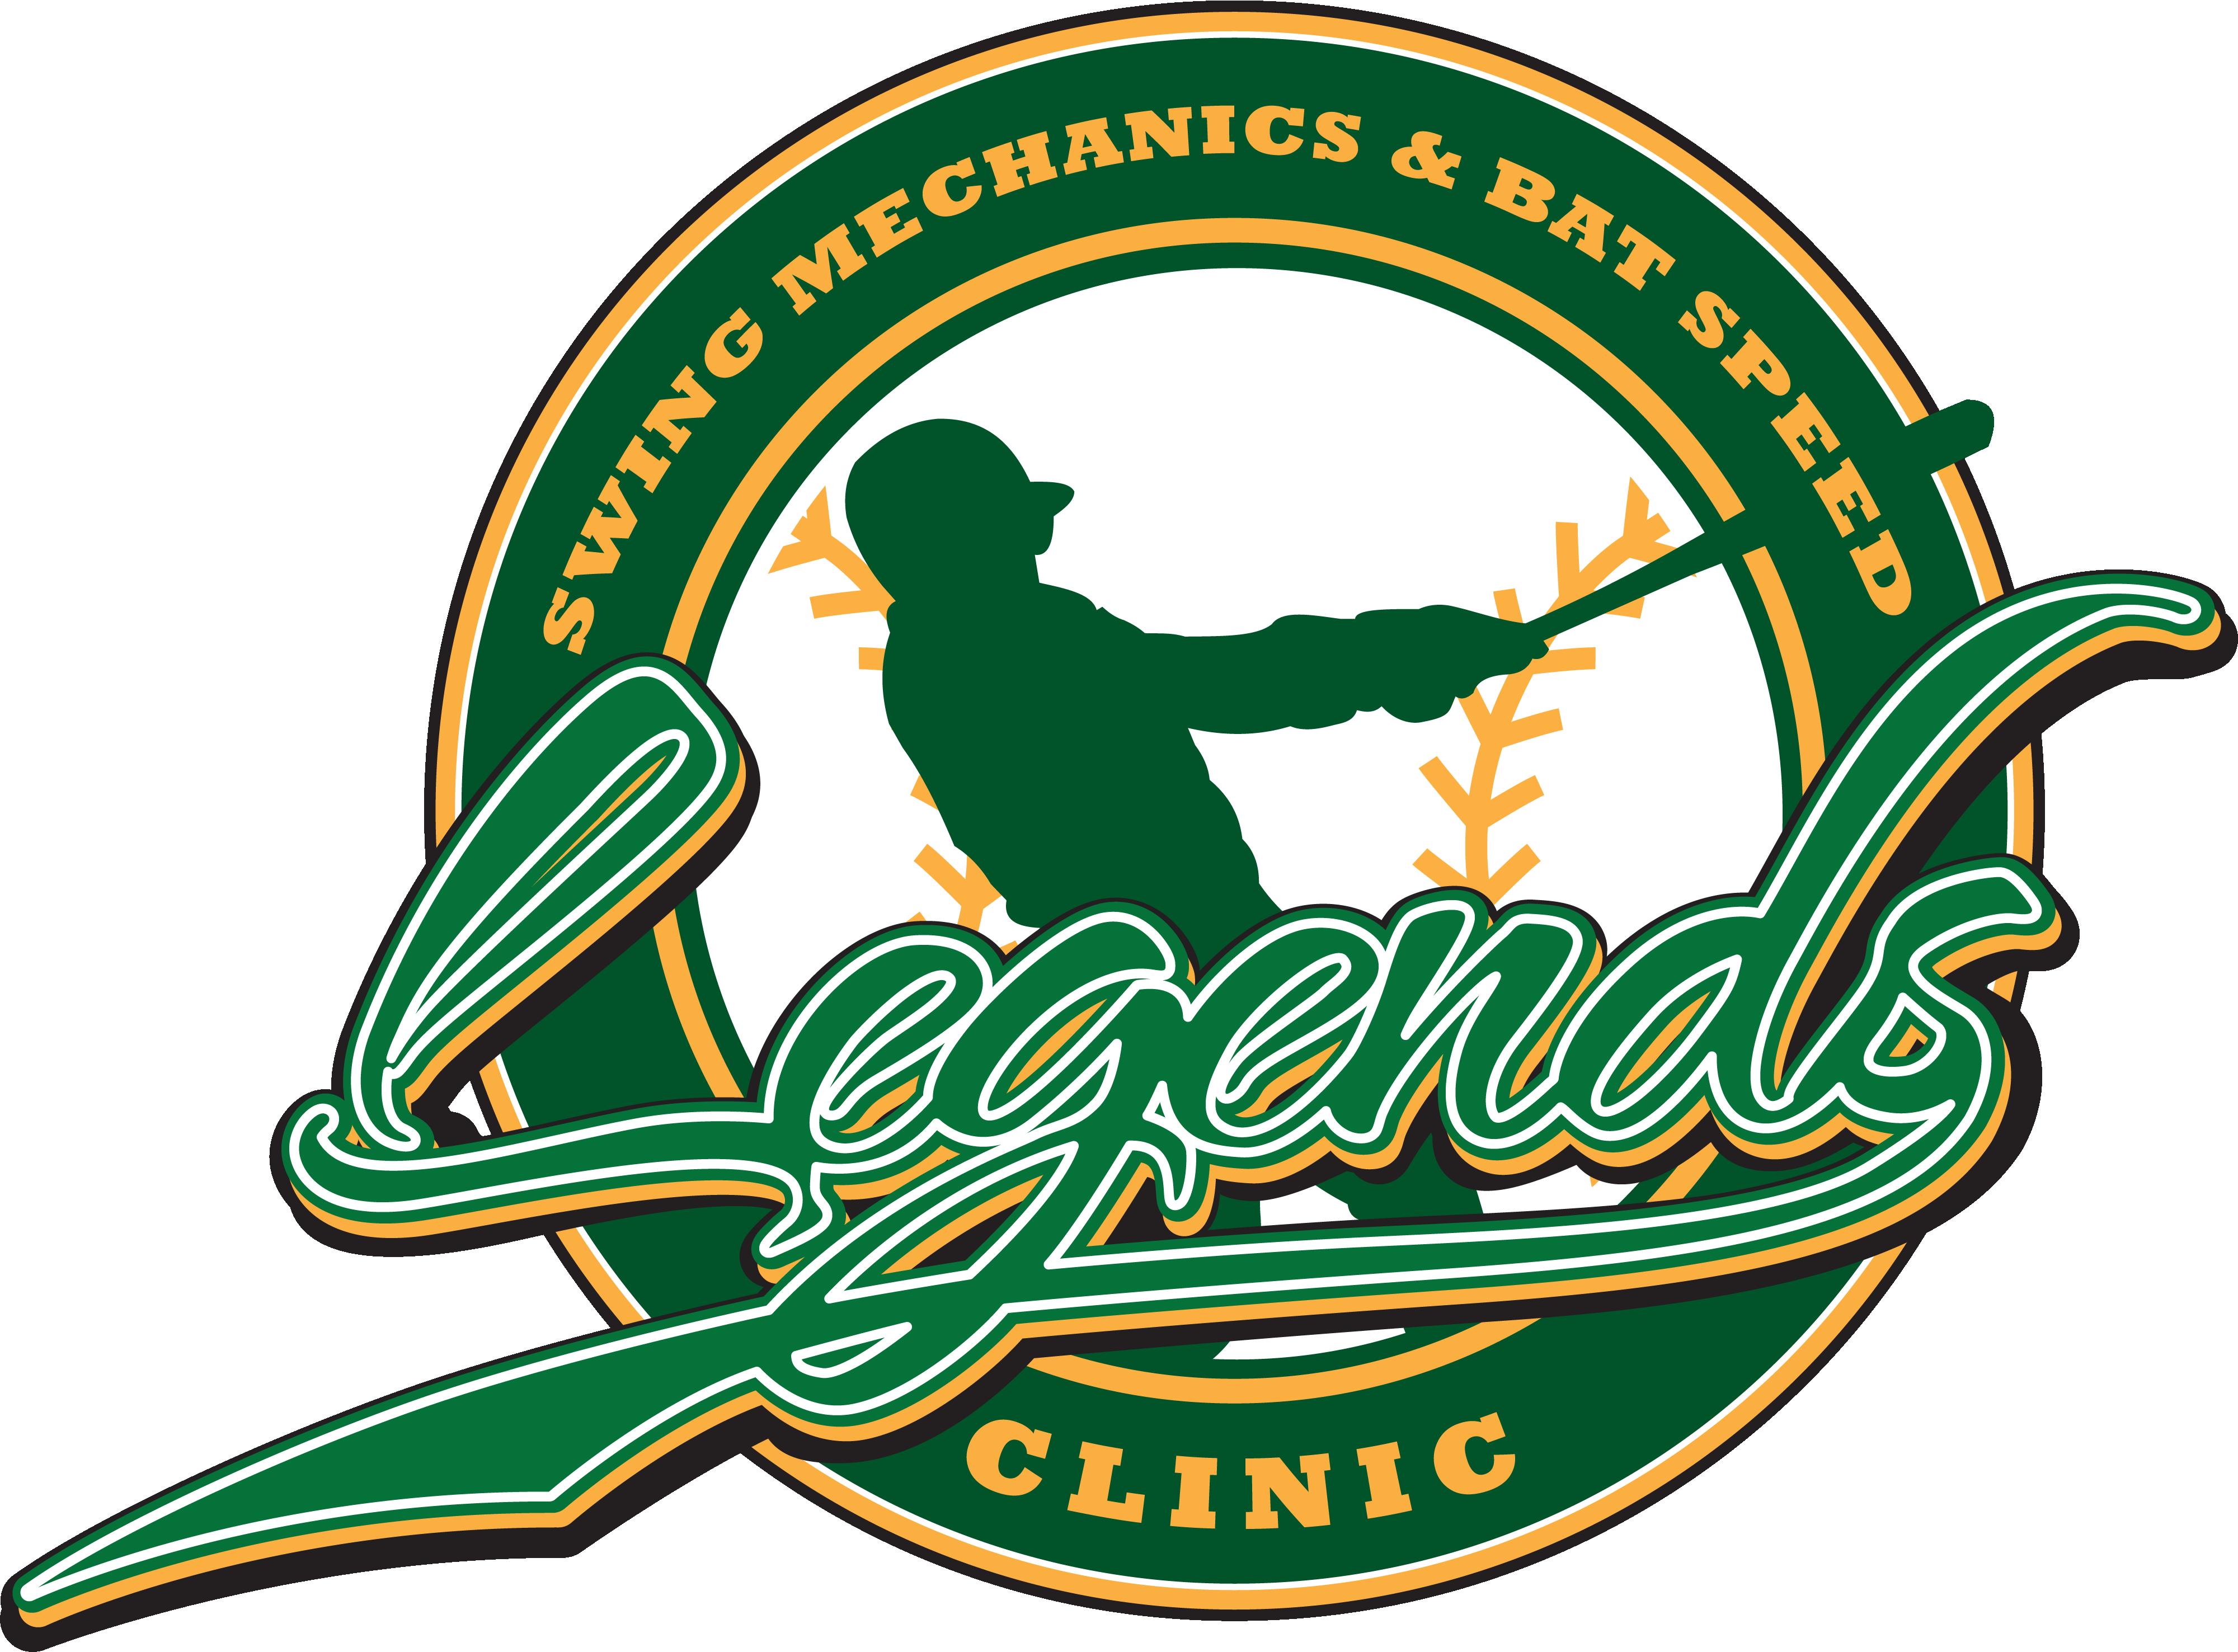 2017-11-08.Legends.Swing Mechanics Clinic